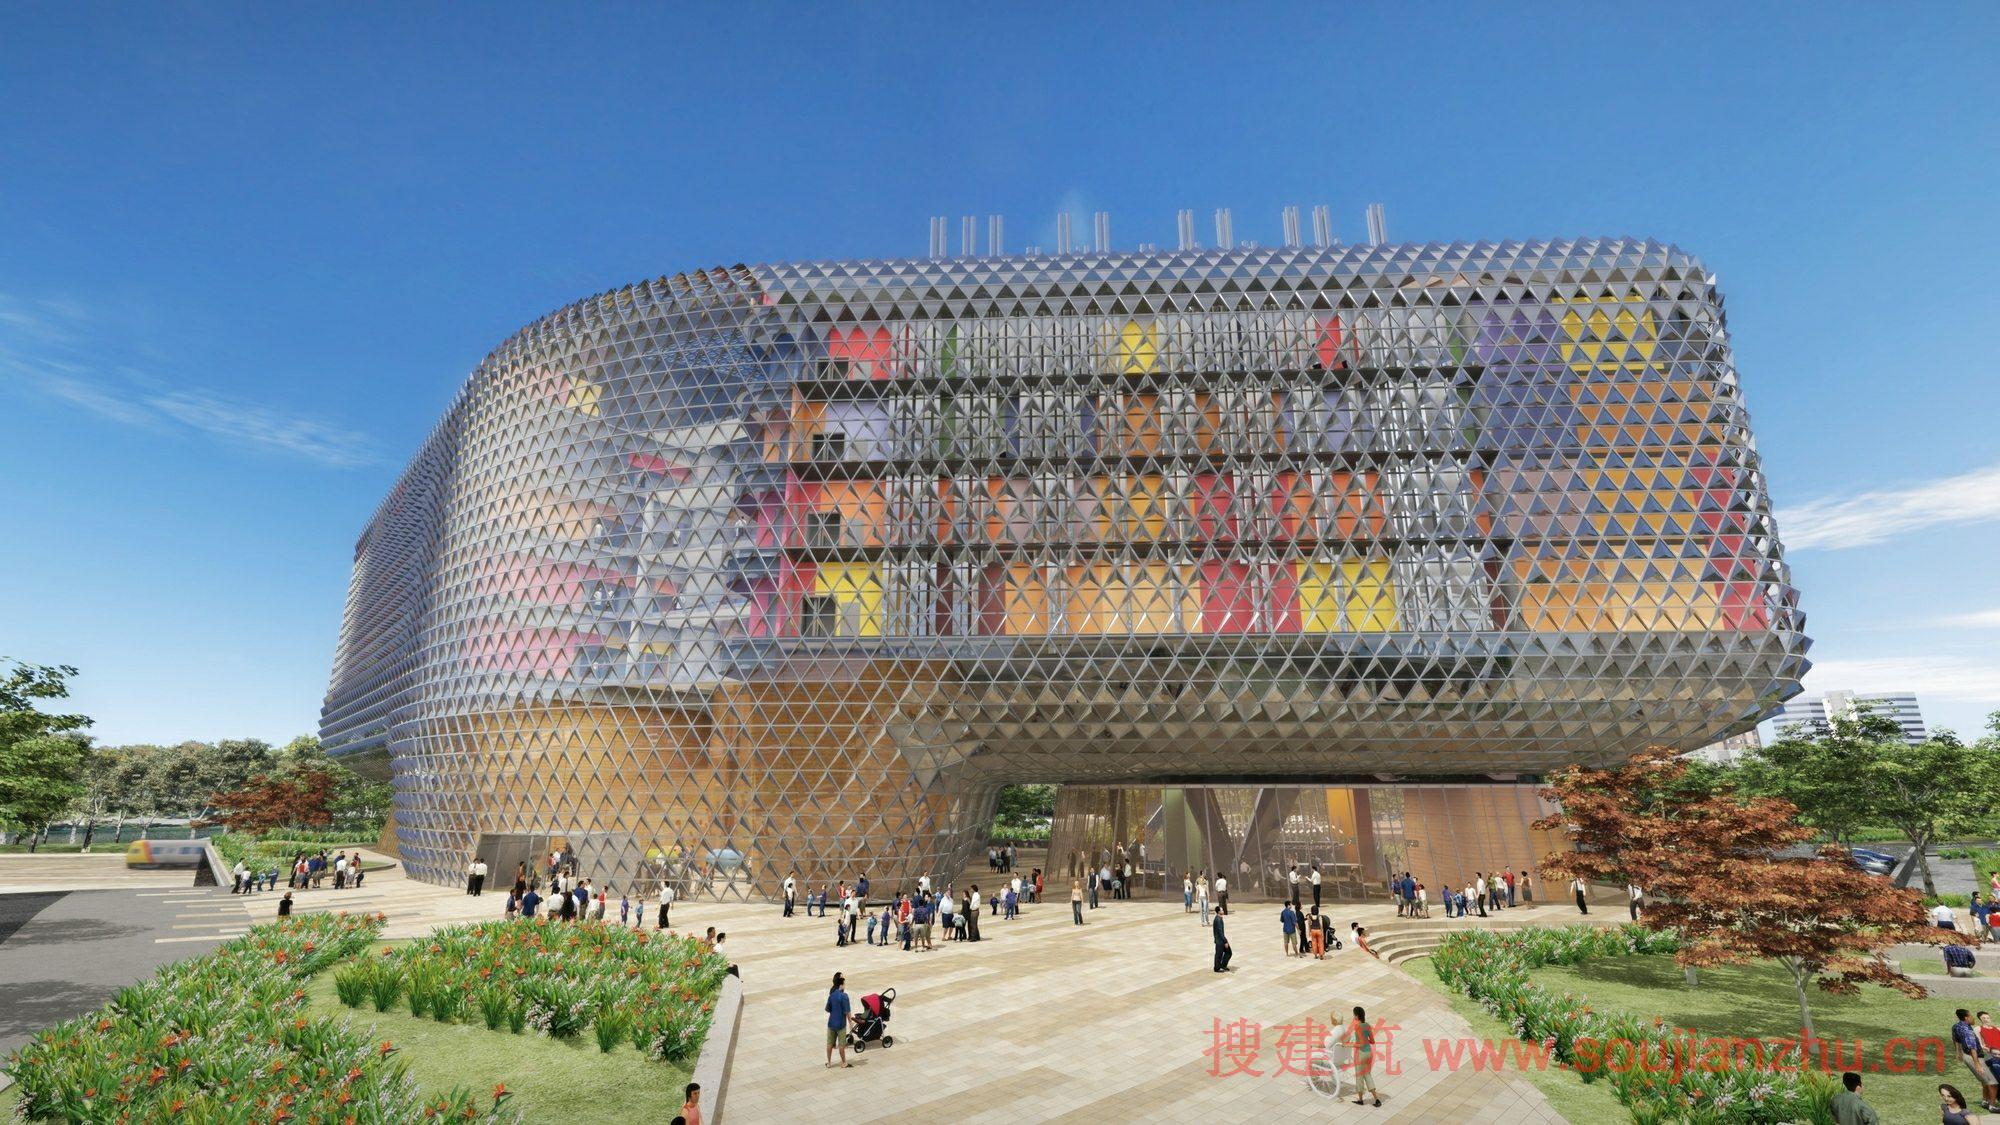 建筑师:Woods Bagot 地点:澳大利亚 面积:25000平方米 完成时间:2014 澳大利亚的总理Hon Tony Abbott MP和南澳大利亚总理Hon Jay Weatherill MP,于11月29日在Adelaide参加了卫生和医学研究院的开放仪式。 该研究所是由Woods Bagot设计的,研究所的设施设计通过一个独特的外观定义,是一个世界级的卓越研究中心,最多可容纳675名研究人员,坐落在一个医疗区,也将拥有新的皇家Adelaide医院(NRAH)。 研究和医院服务的定位将